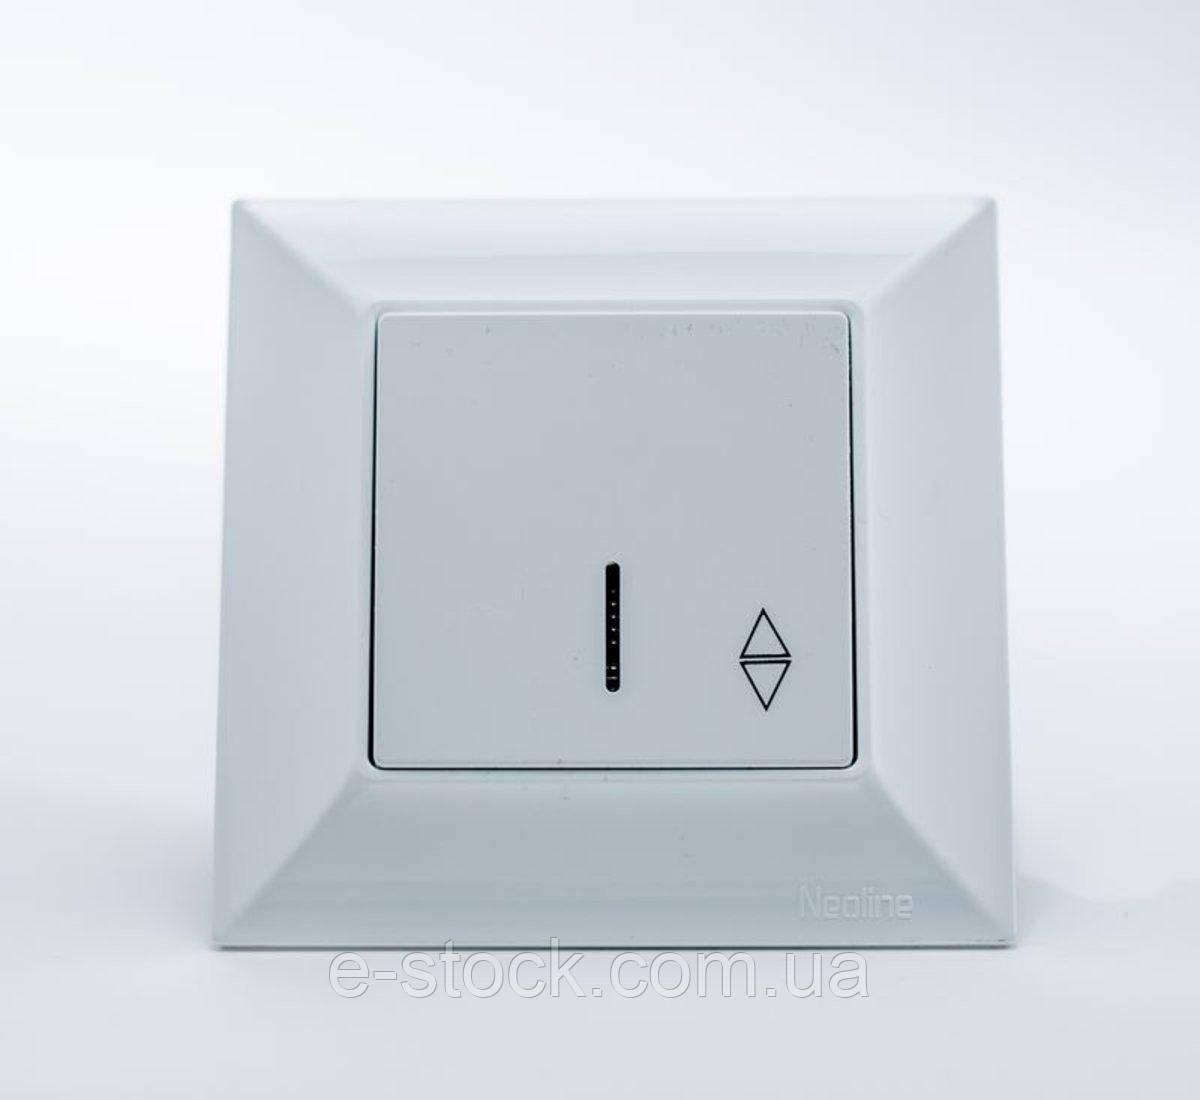 Neoline переключатель 1-ый с подсветкой белый